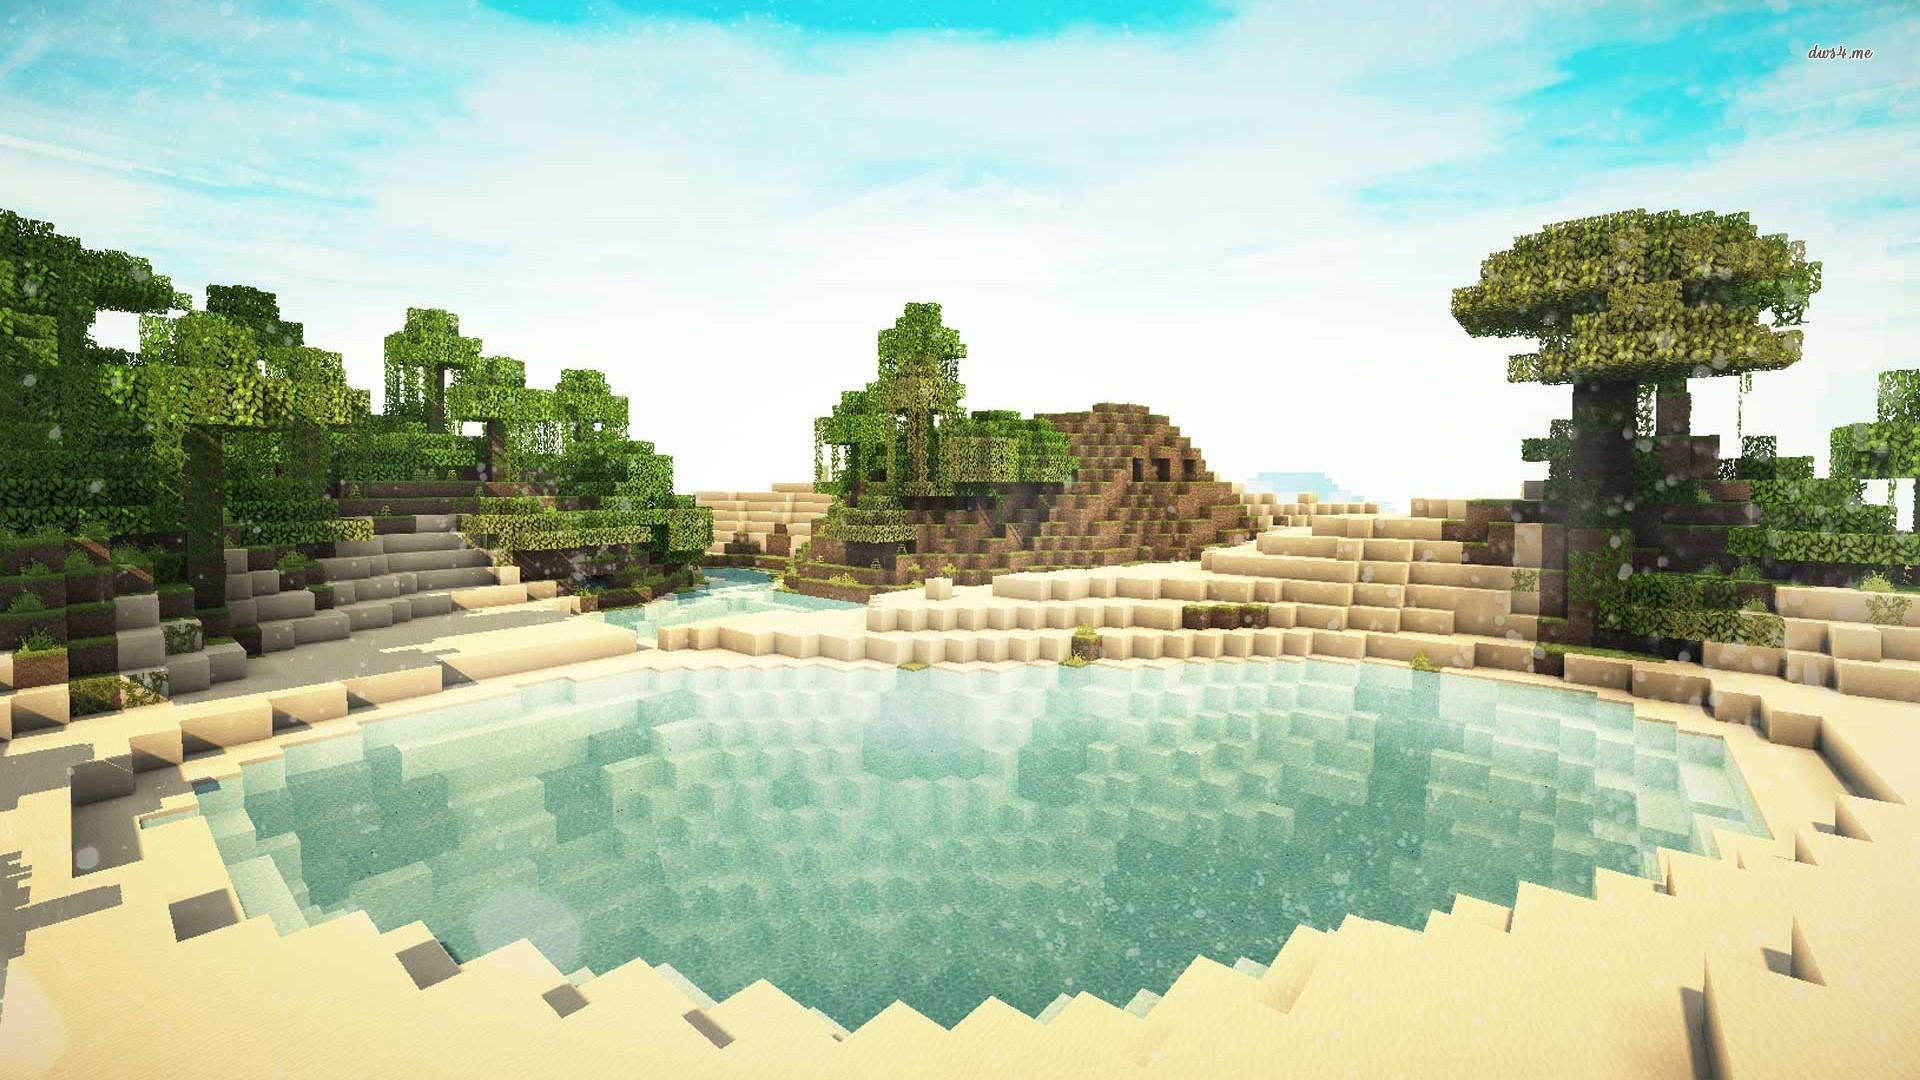 Alle Minecraft Wallpaper   Bild 11   Bilderserie   GIGA 1920x1080